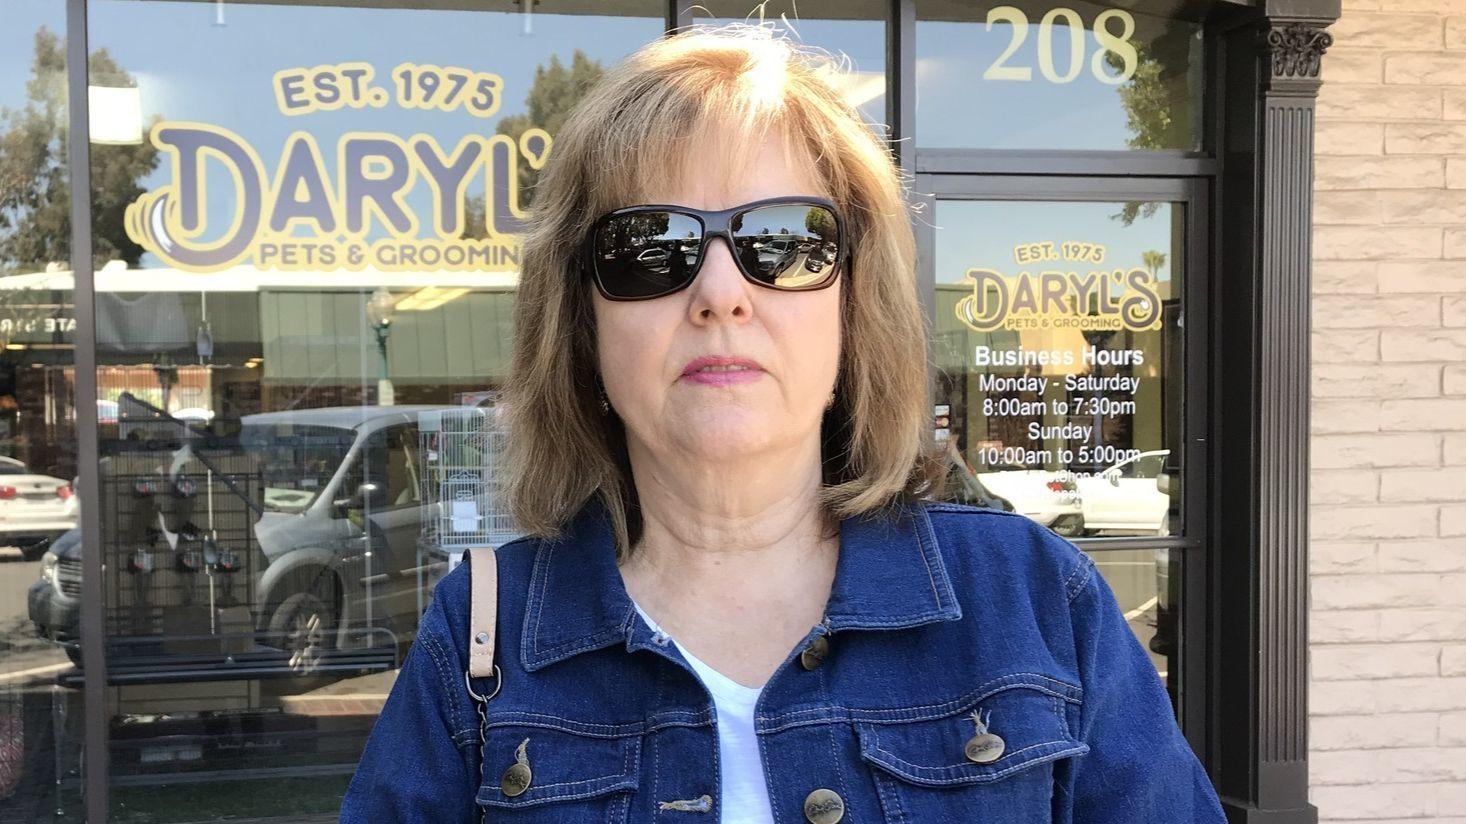 Gail Varhoe